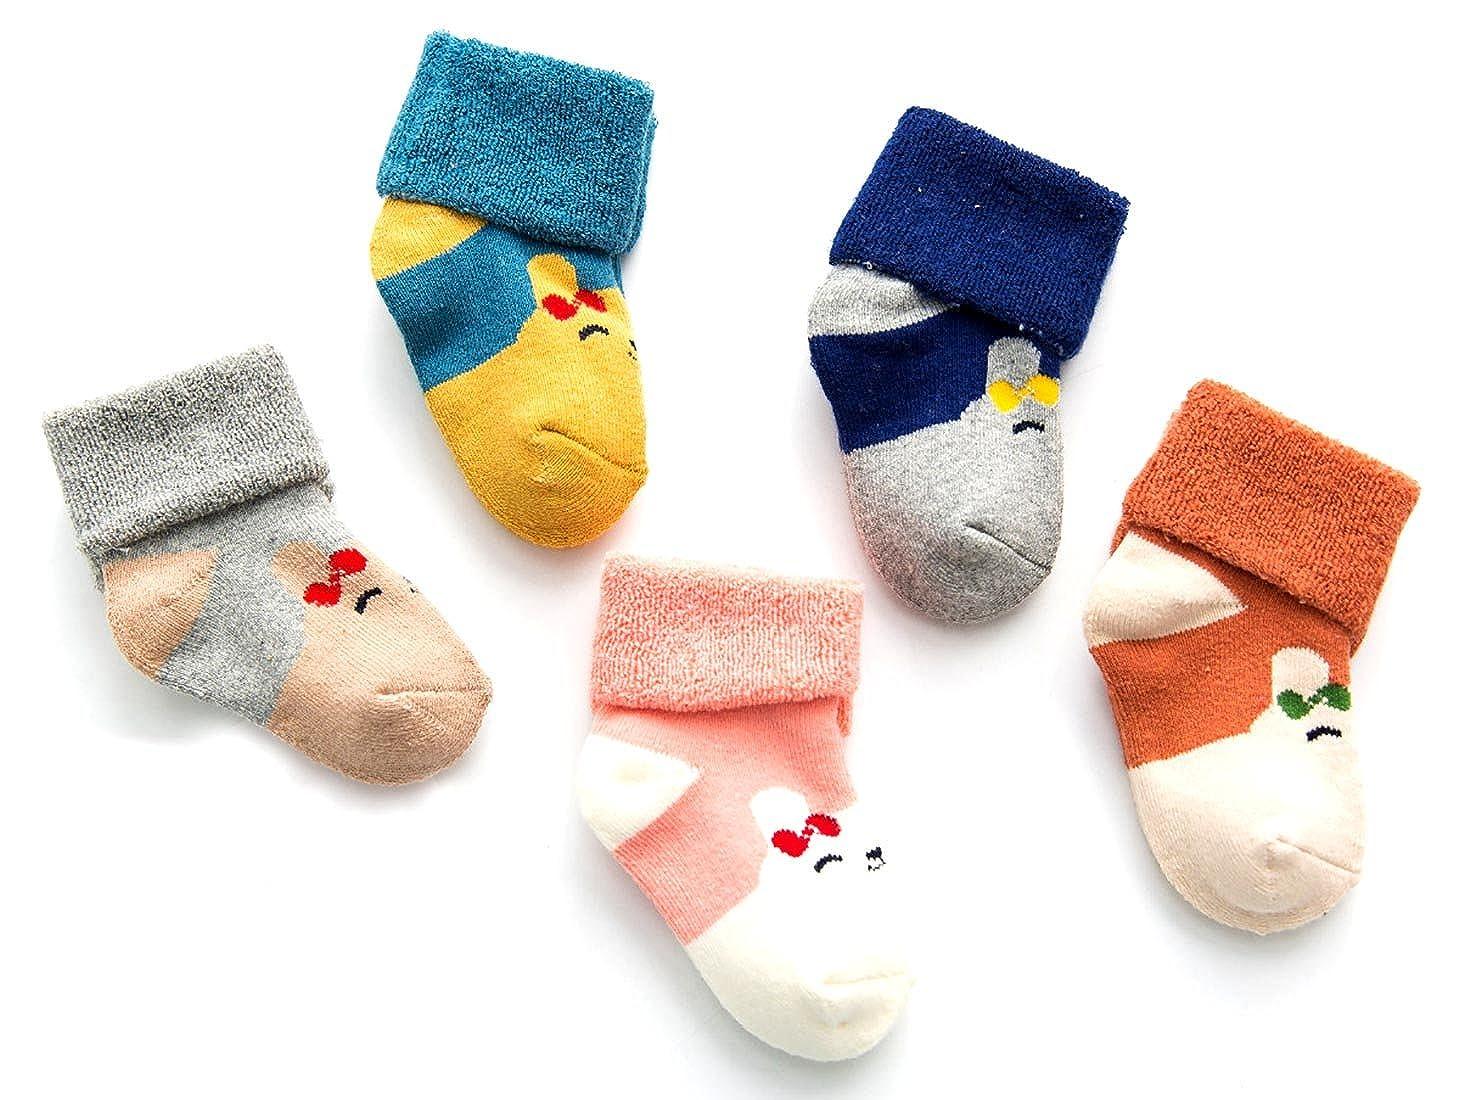 Aivtalk Multicolor Pack de Calcetines Largos para Beb/és Recien Nacido Ni/ños Ni/ñas de Algod/ón Calcetines Primeso Pasos Caliente para Oto/ño Invierno